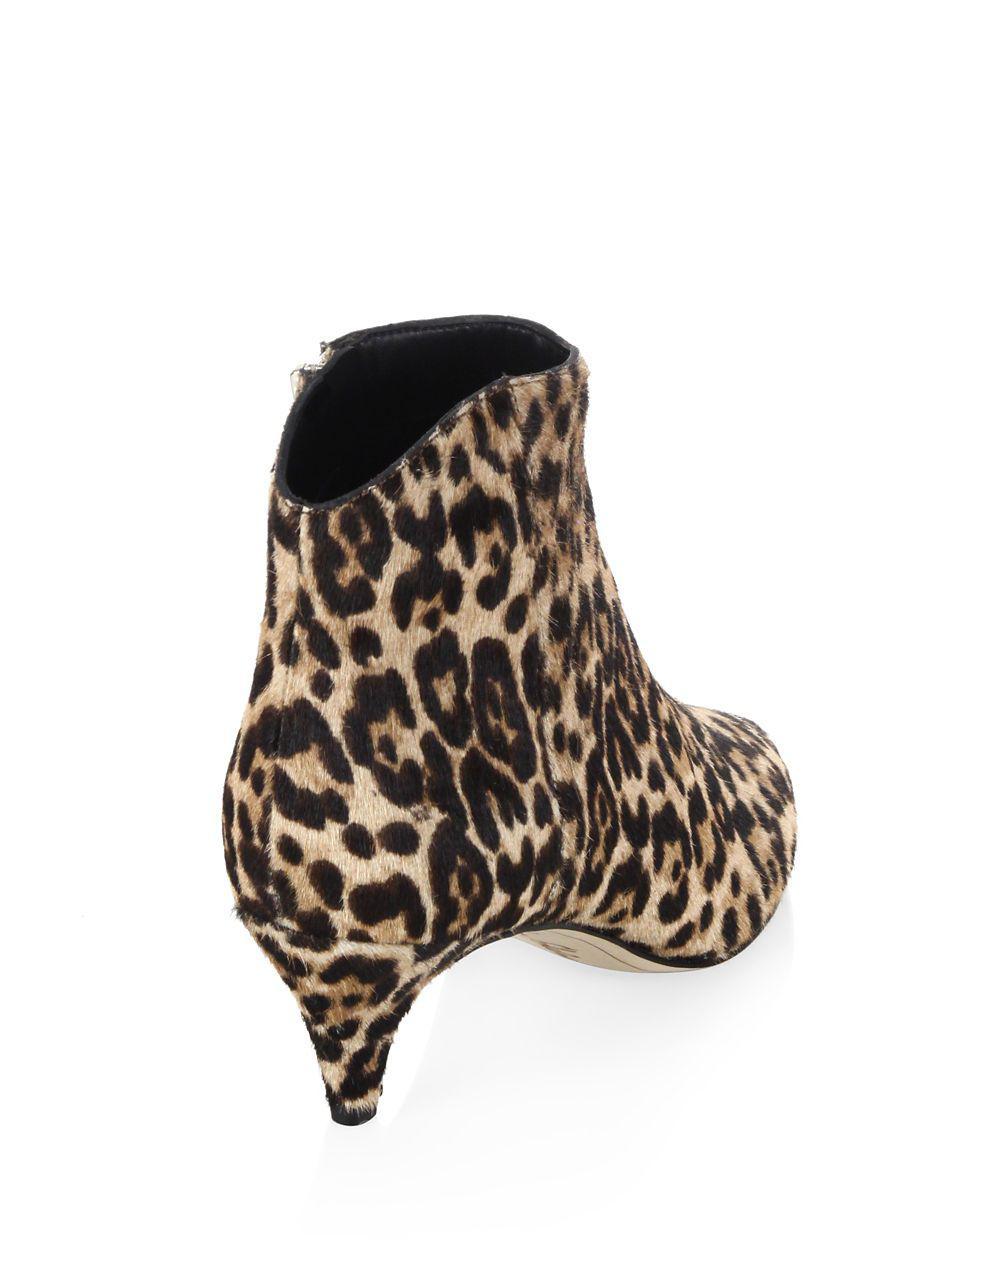 92580e6d3 Lyst - Sam Edelman Kinzey Leopard Print Calf Hair Kitten Heel Booties -  Save 50.0%